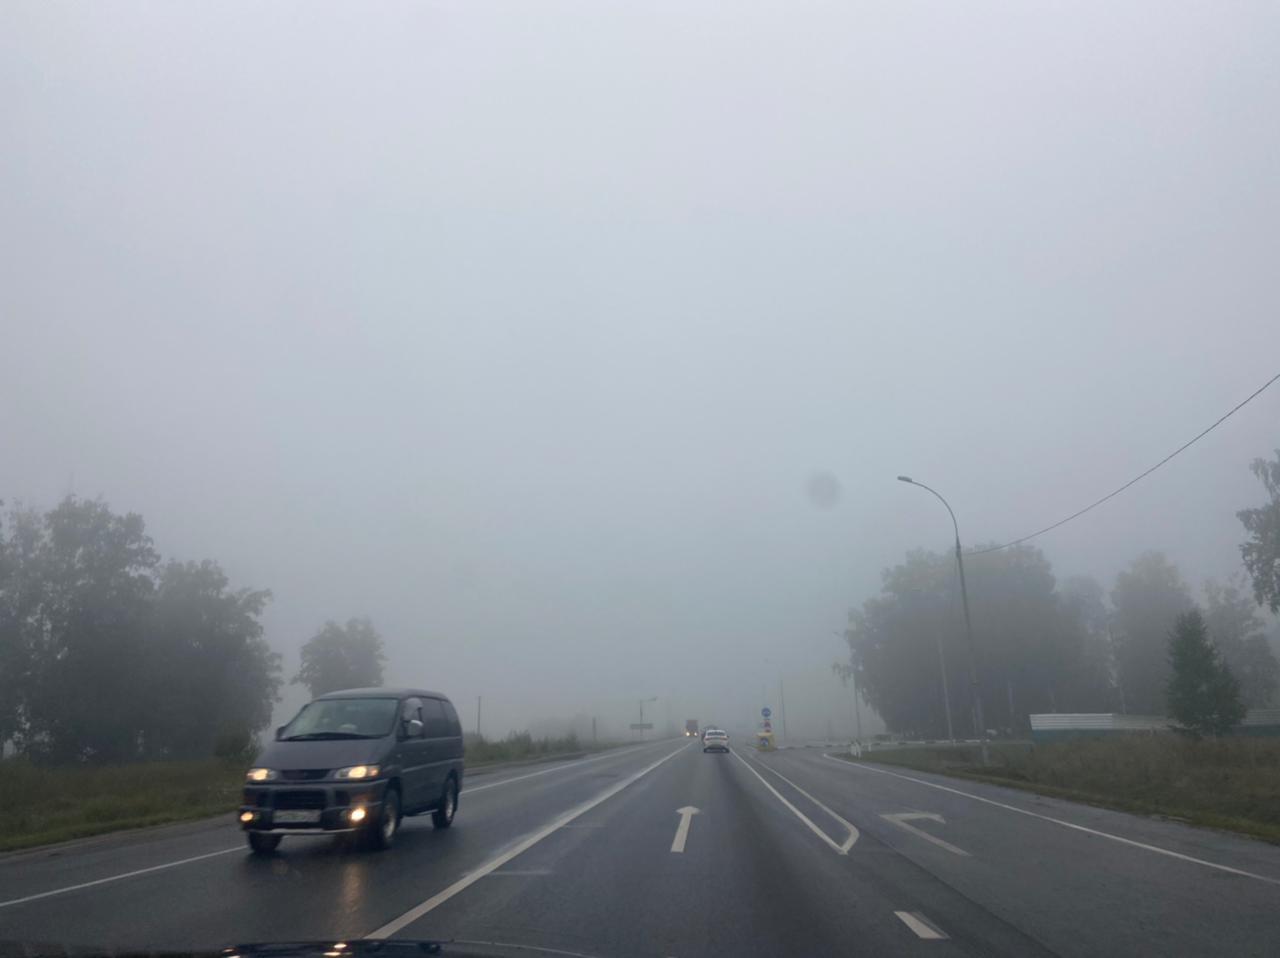 Фото «Выглядит жутковато»: новосибирцы делятся в соцсетях мистическими фото утреннего тумана 7